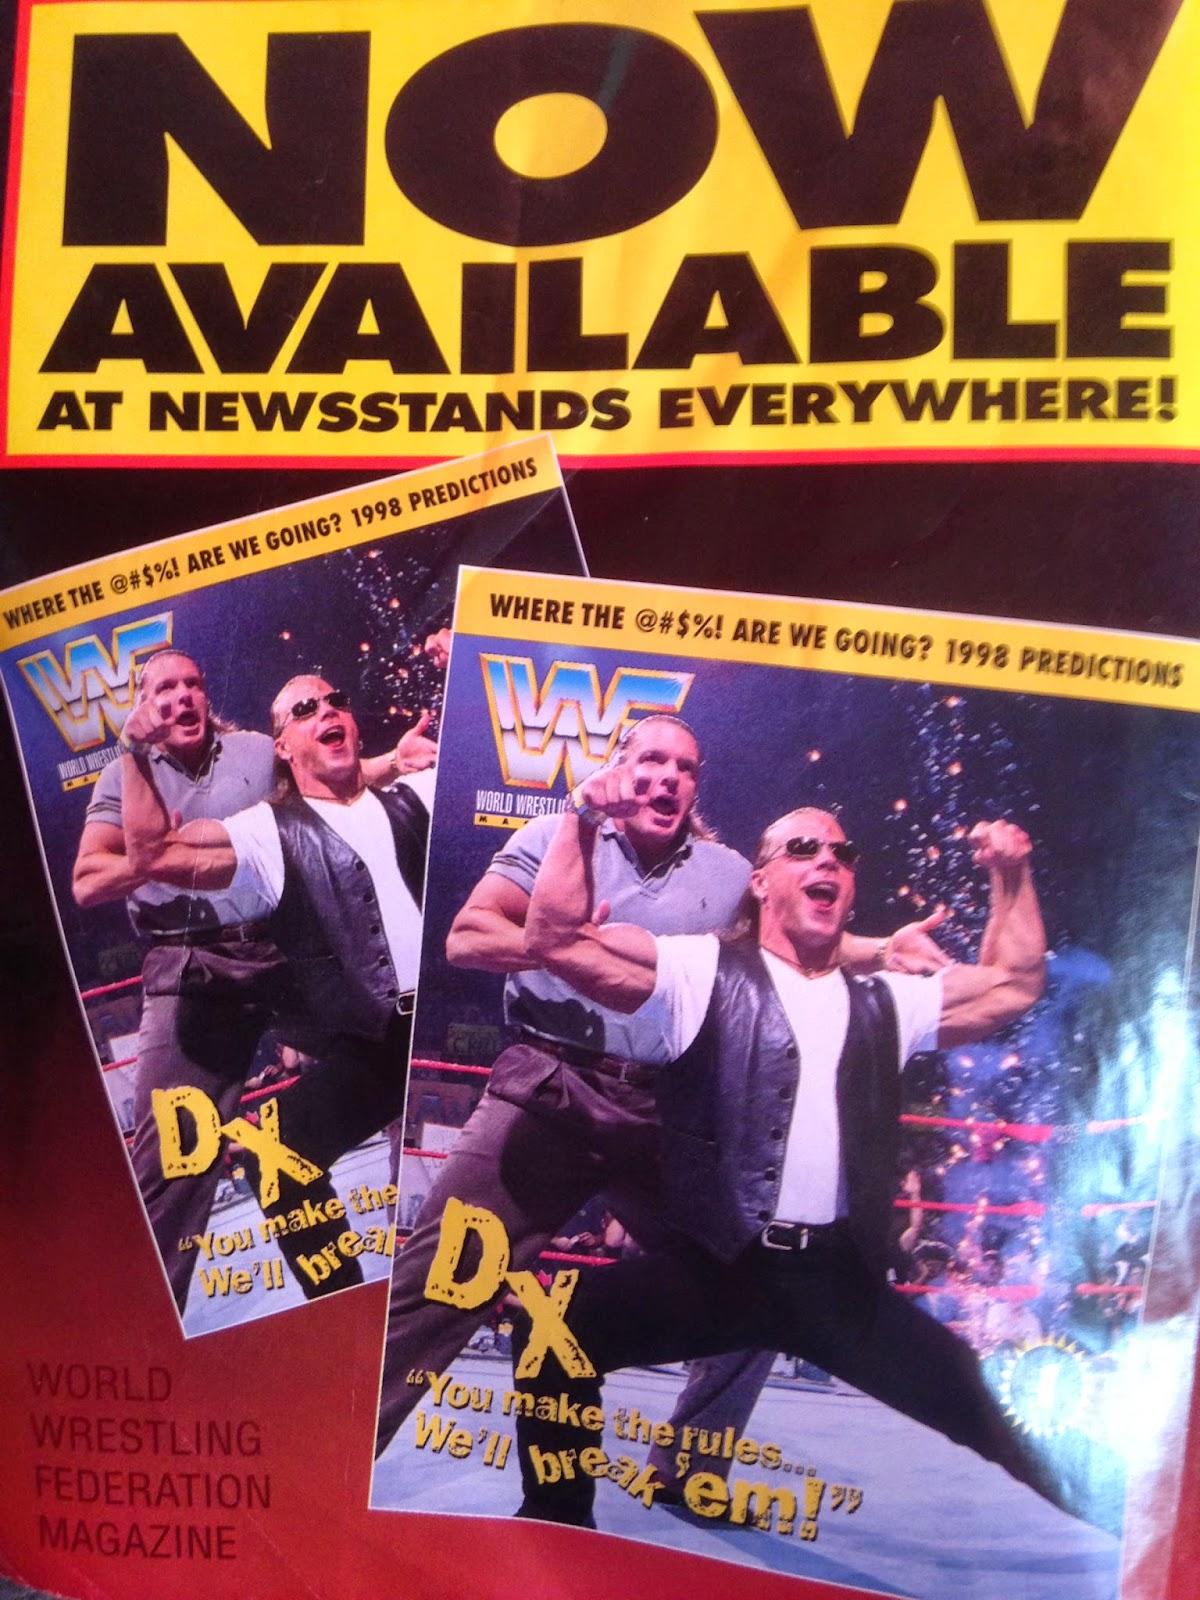 WWF Raw Magazine - January 1998 - DX magazine ad